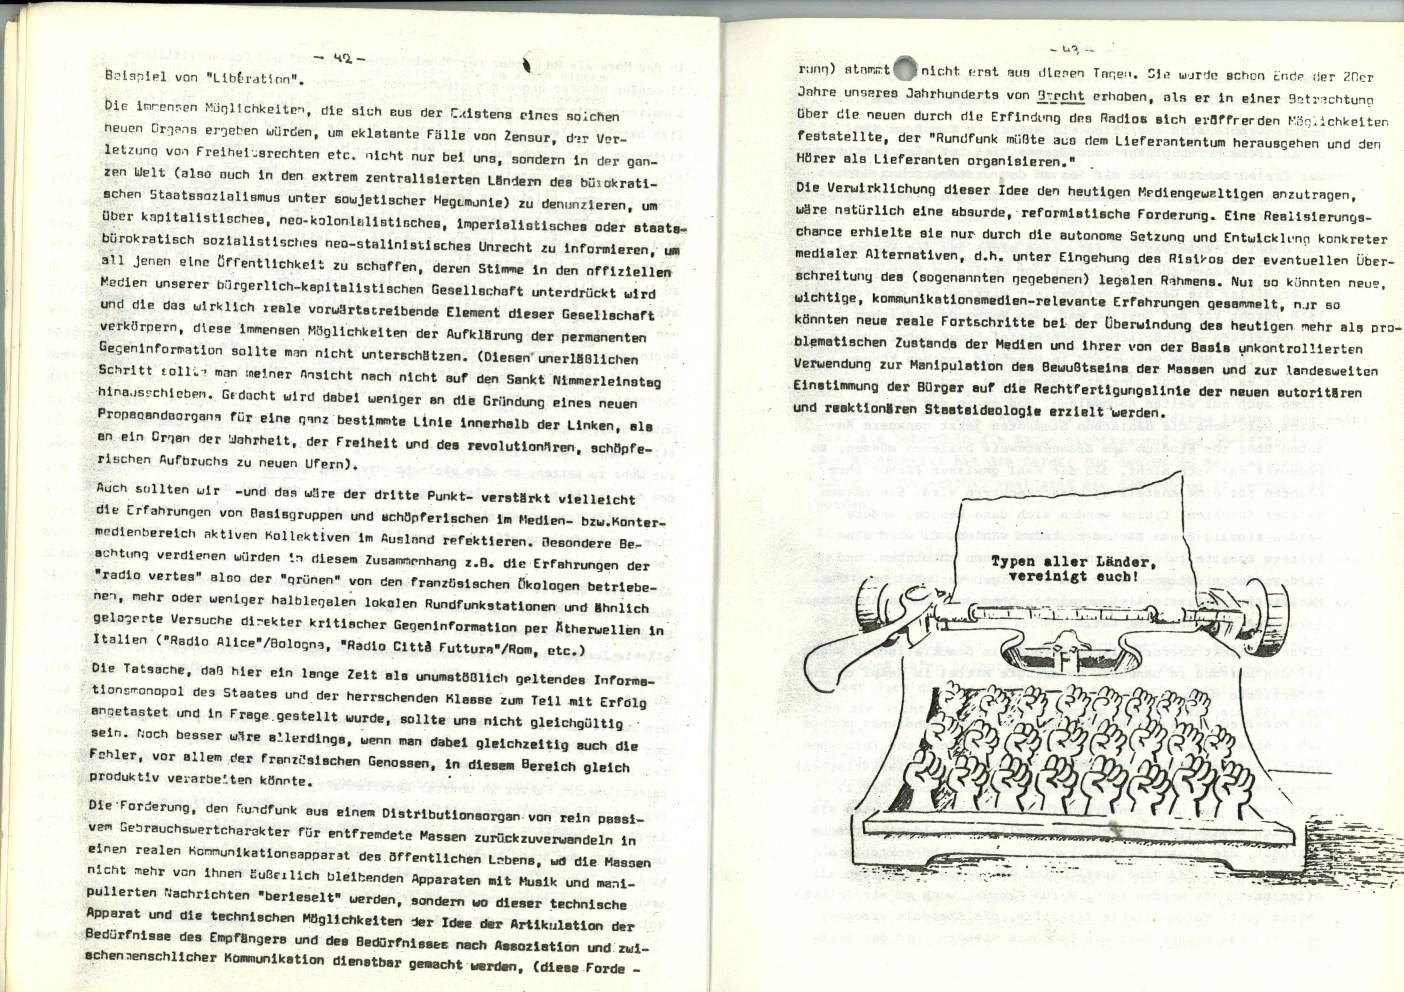 Hamburg_Vorbereitungsgruppe_Russell_Tribunal_Zensur_1978_22